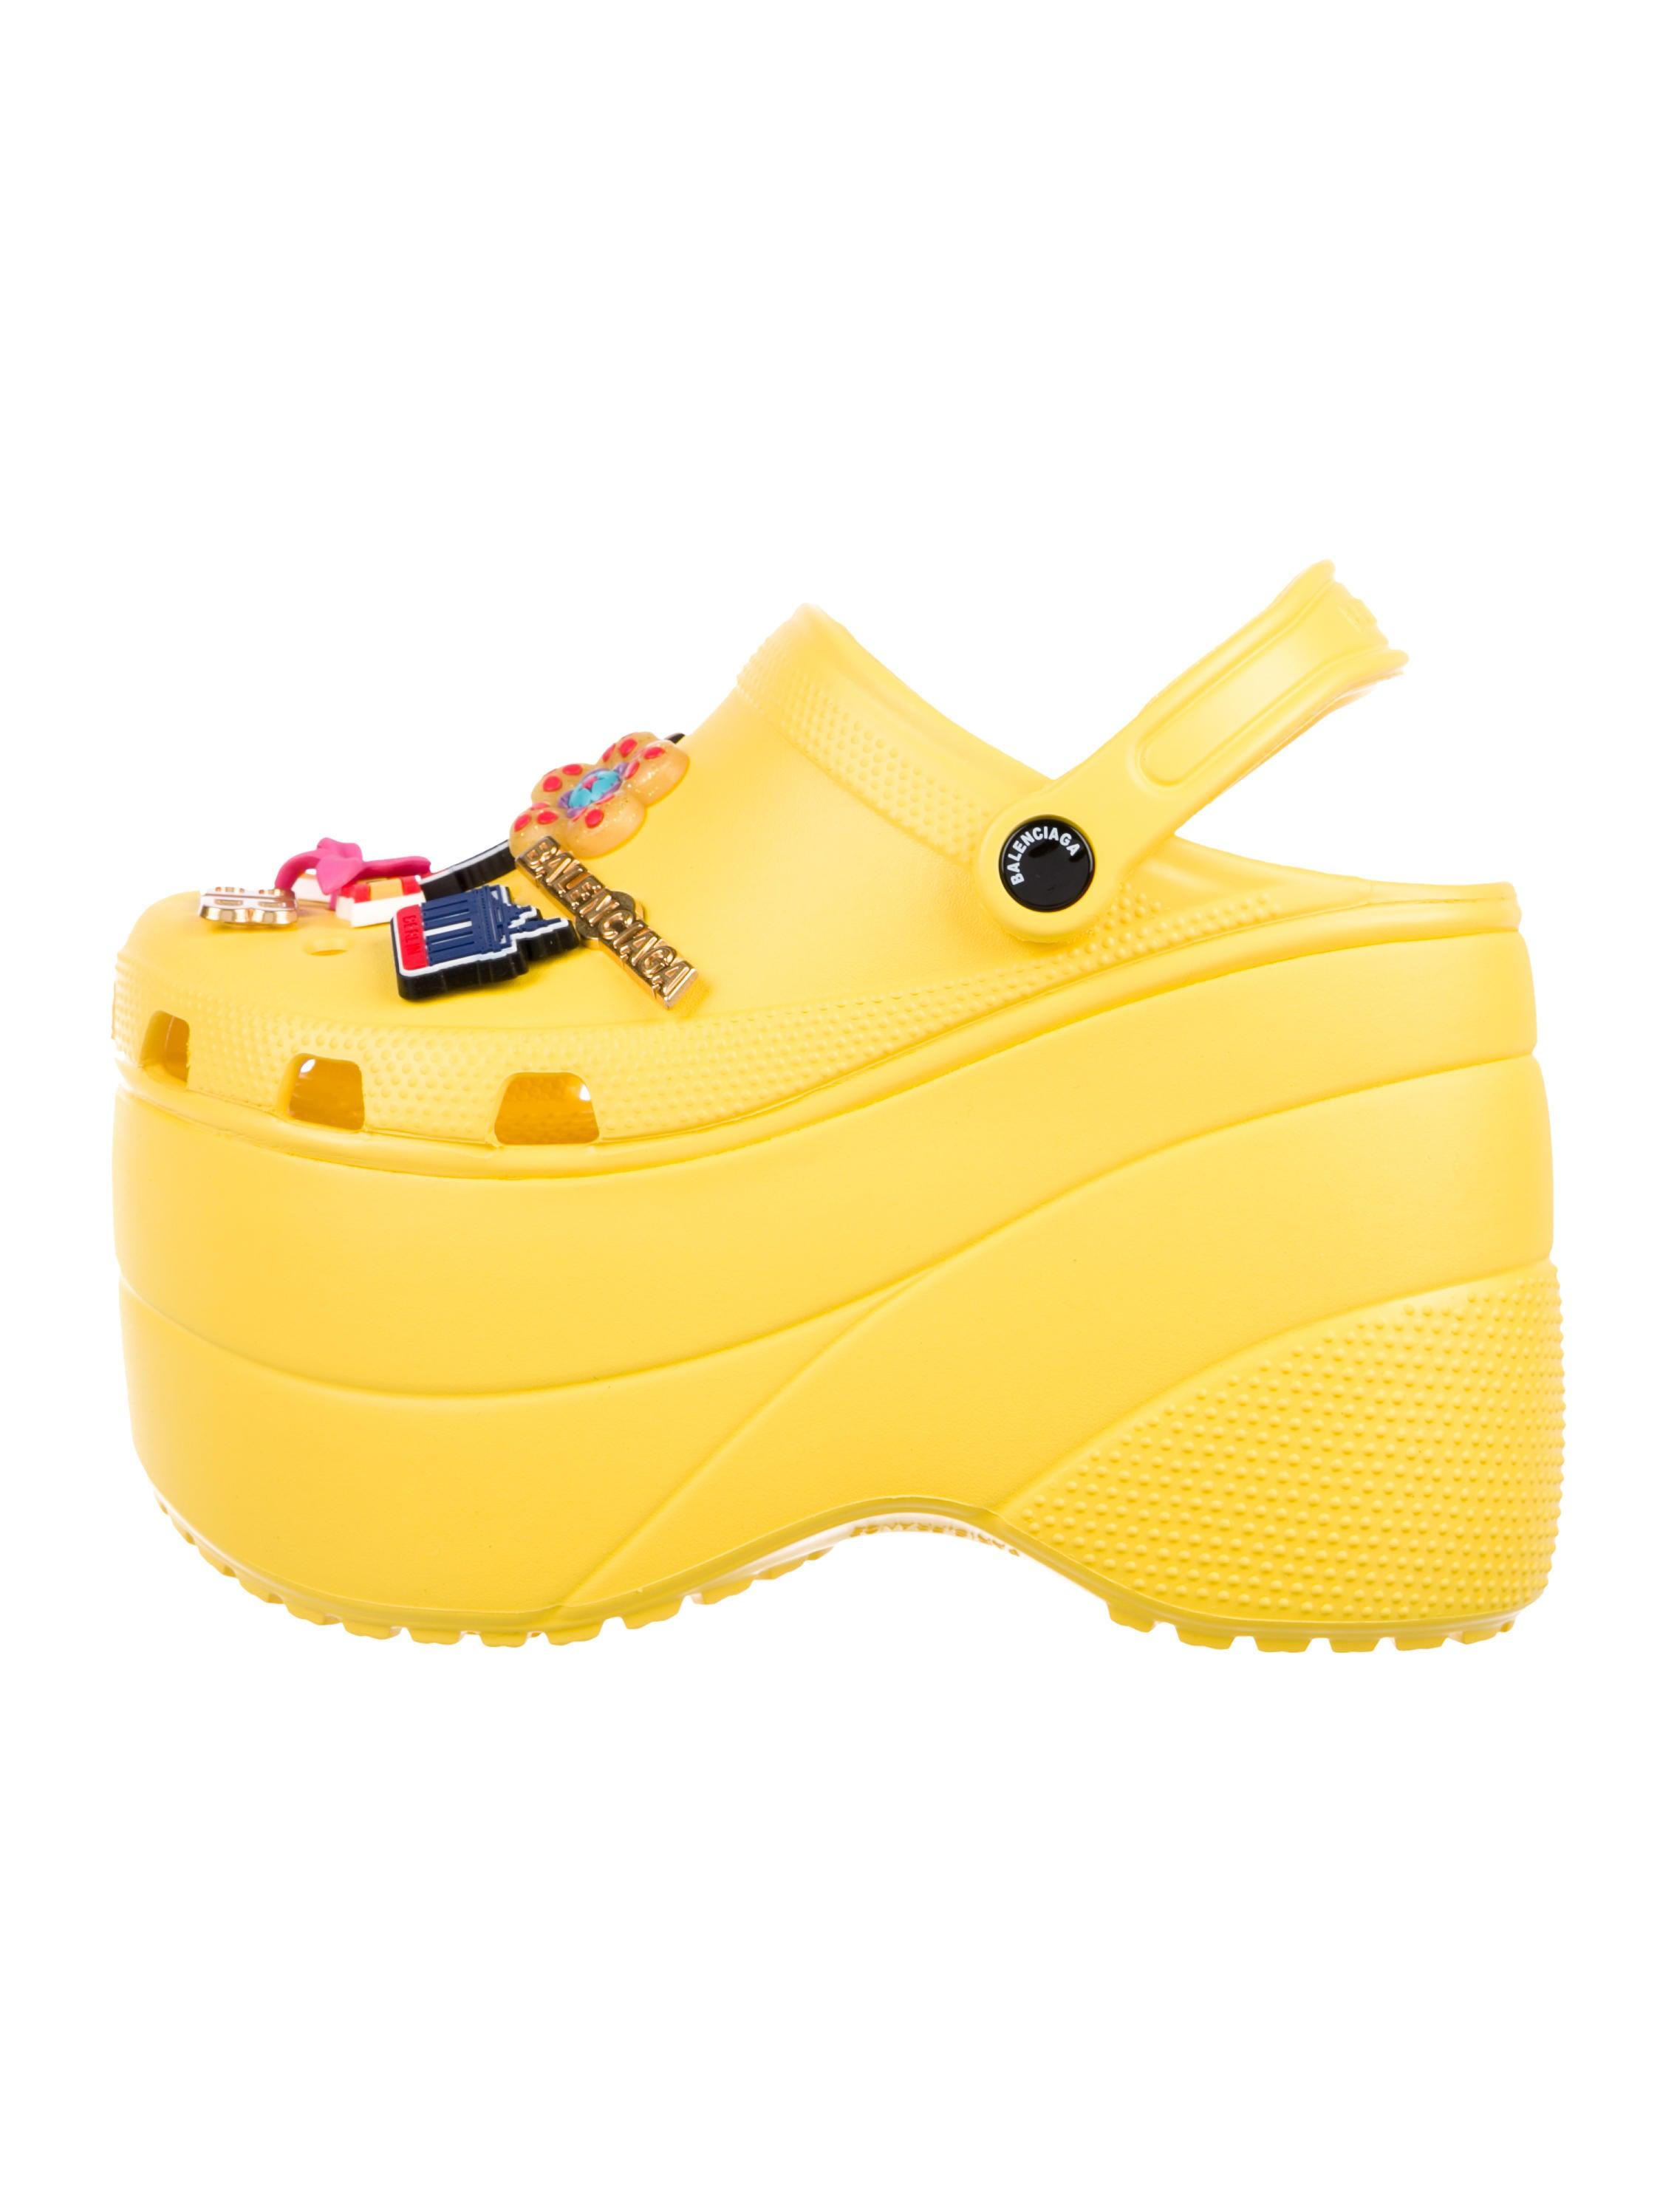 Balenciaga x Crocs Platform Clogs w